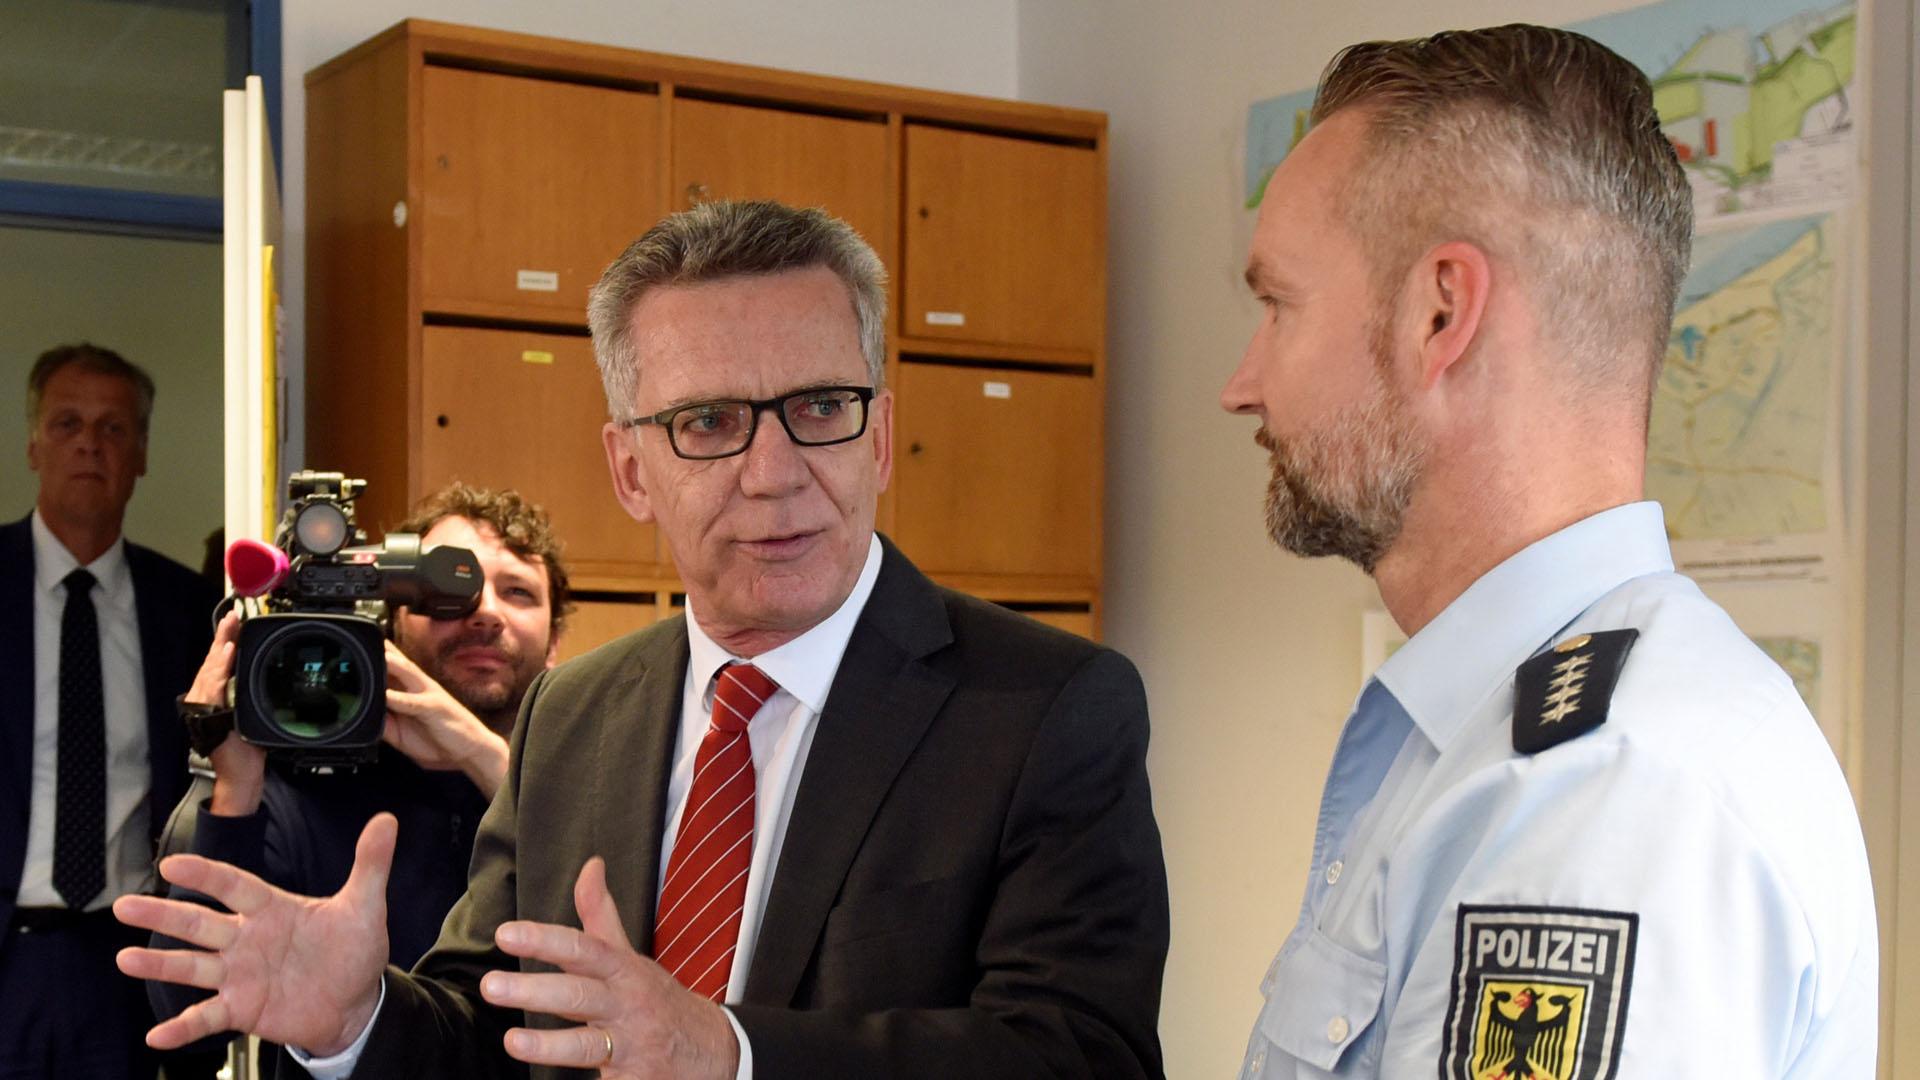 El ministro de Interior, Thomas de Maizière, firmarán un reclamo que solicita mayor vigilancia en los sitios públicos y mayor número de deportaciones